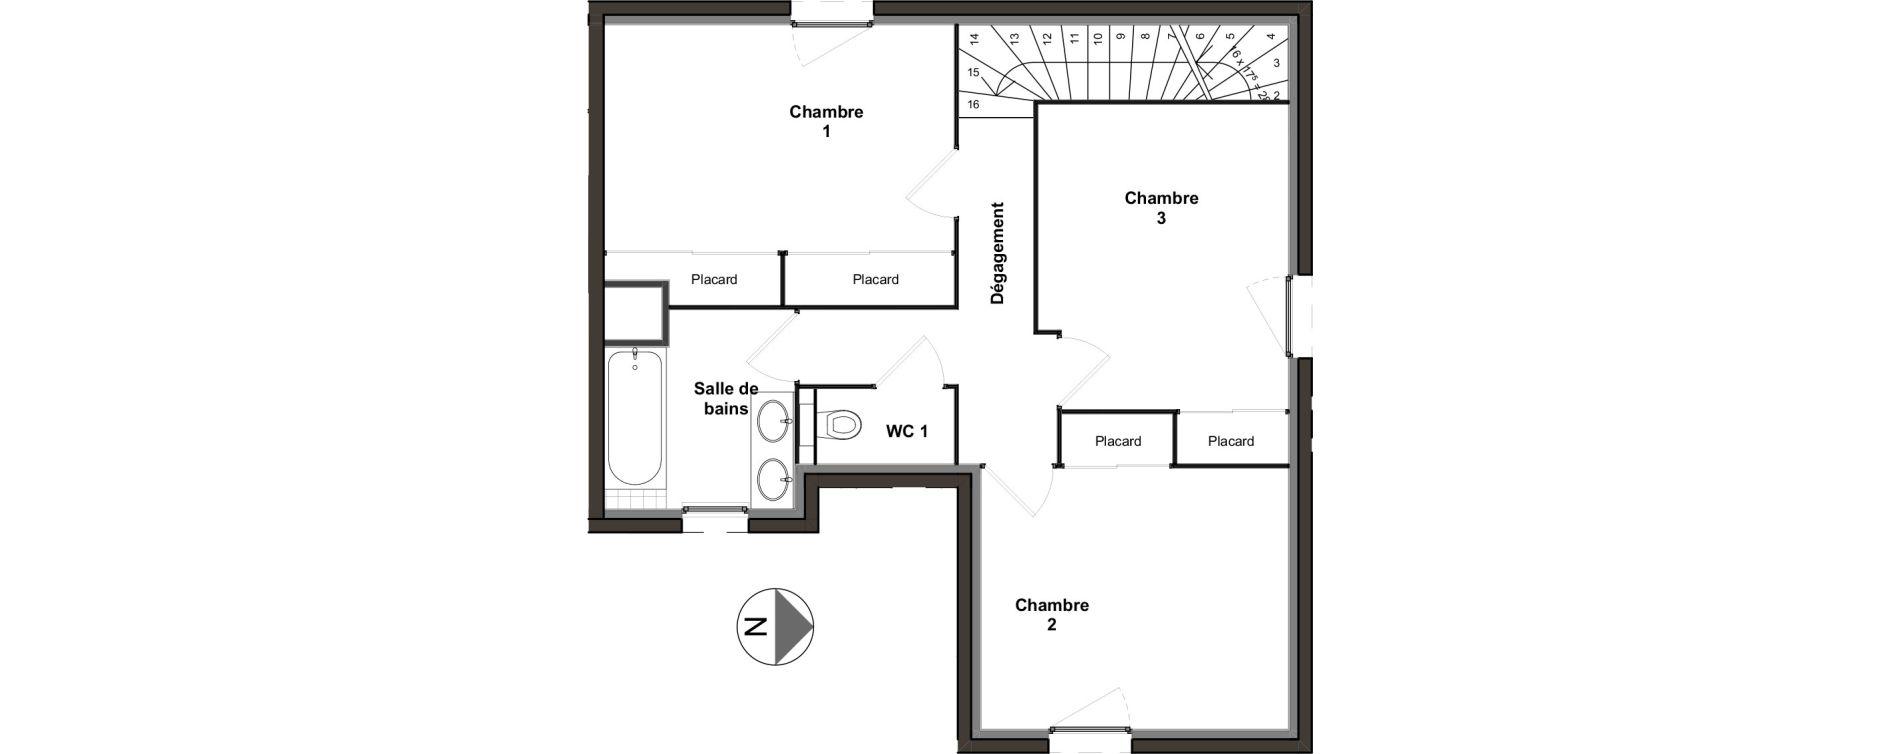 Appartement T4 de 95,17 m2 à Villeurbanne Ferrandière - maisons-neuves